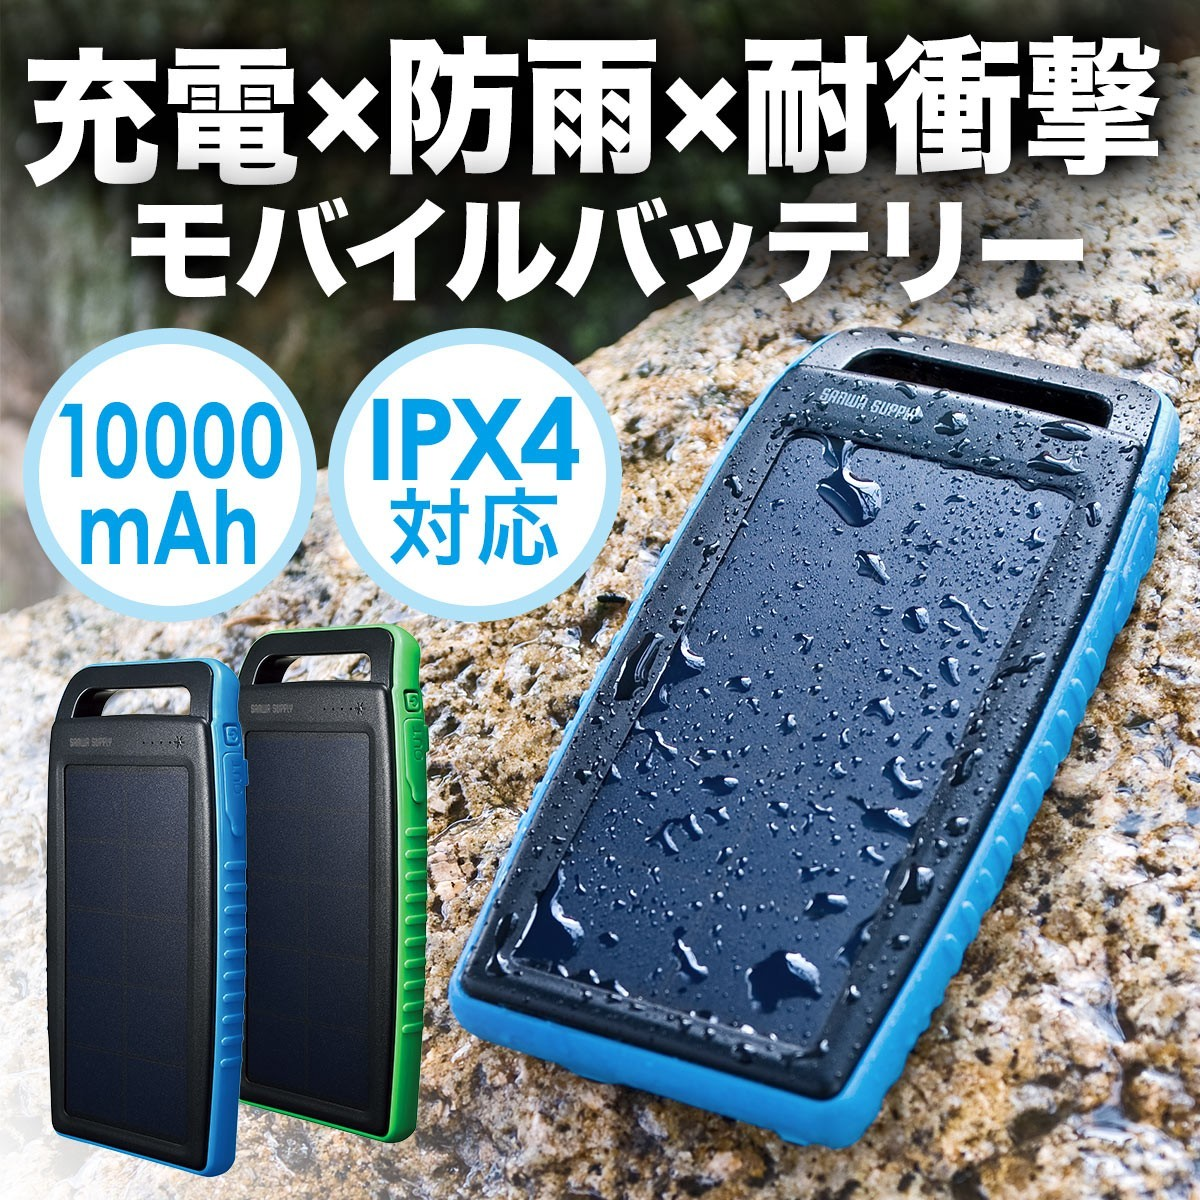 ソーラーチャージャー モバイルバッテリー スマホ充電  10000mAh 2.1A出力